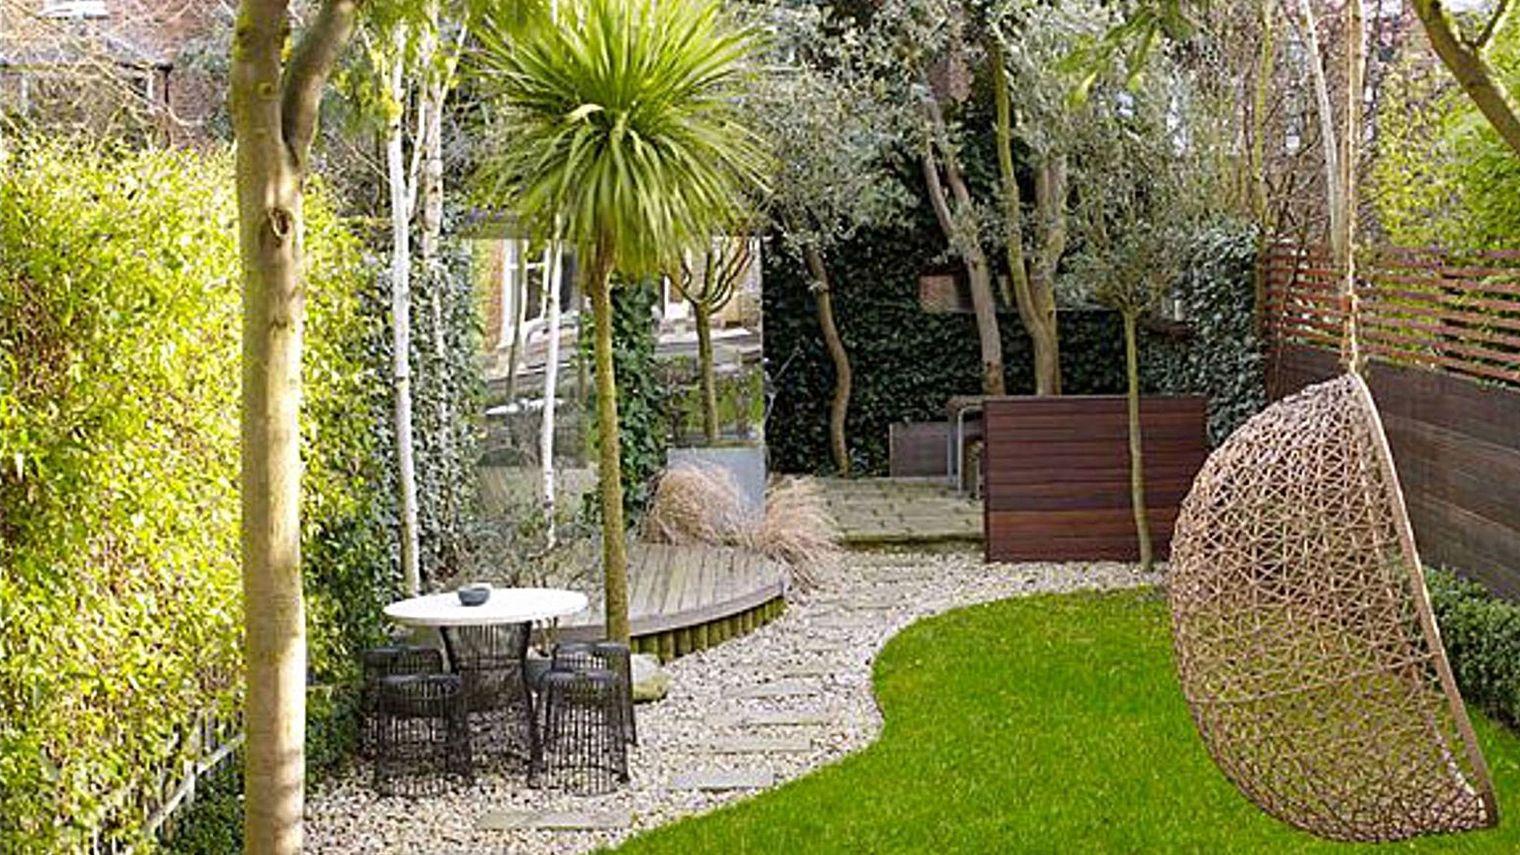 Astuces Et Conseils Pour Aménager Un Petit Jardin | Ligne Jardin tout Amanager Un Petit Jardin